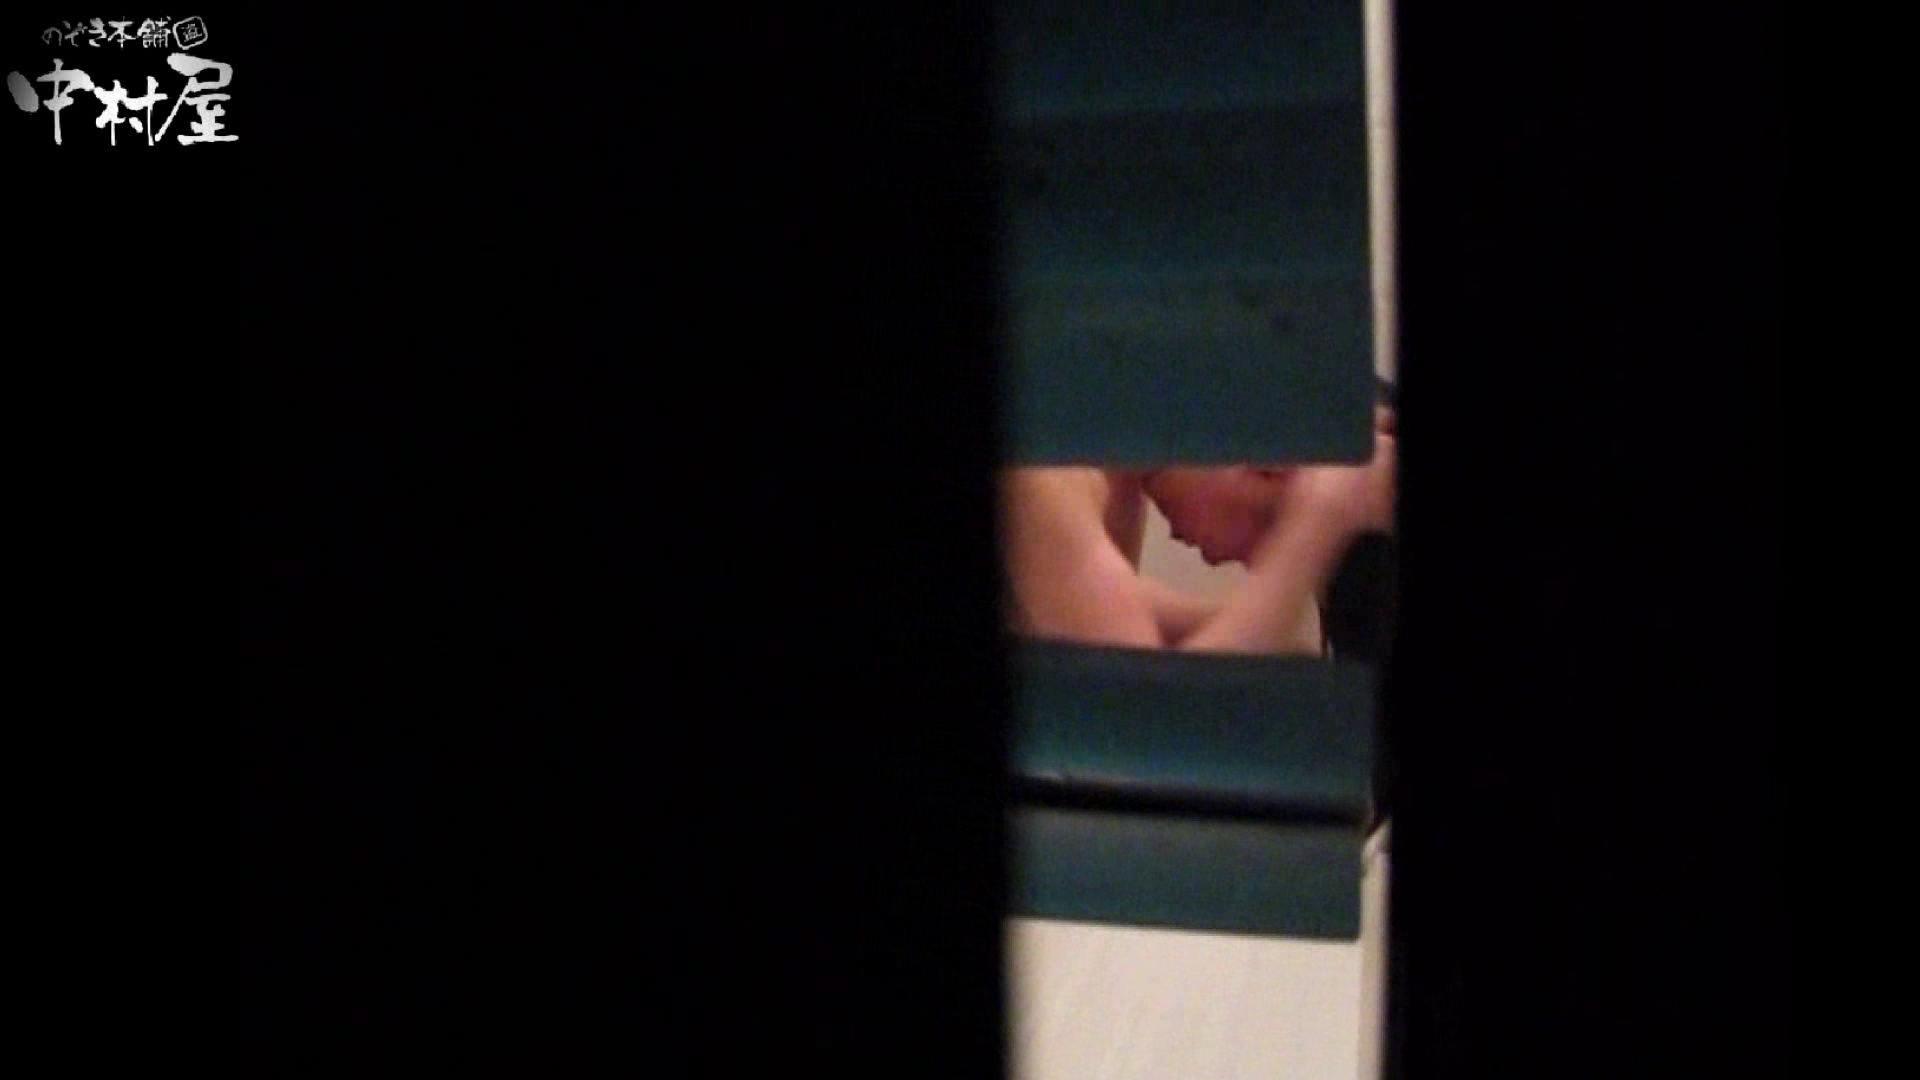 民家風呂専門盗撮師の超危険映像 vol.022 美少女エロ画像 えろ無修正画像 54PICs 47